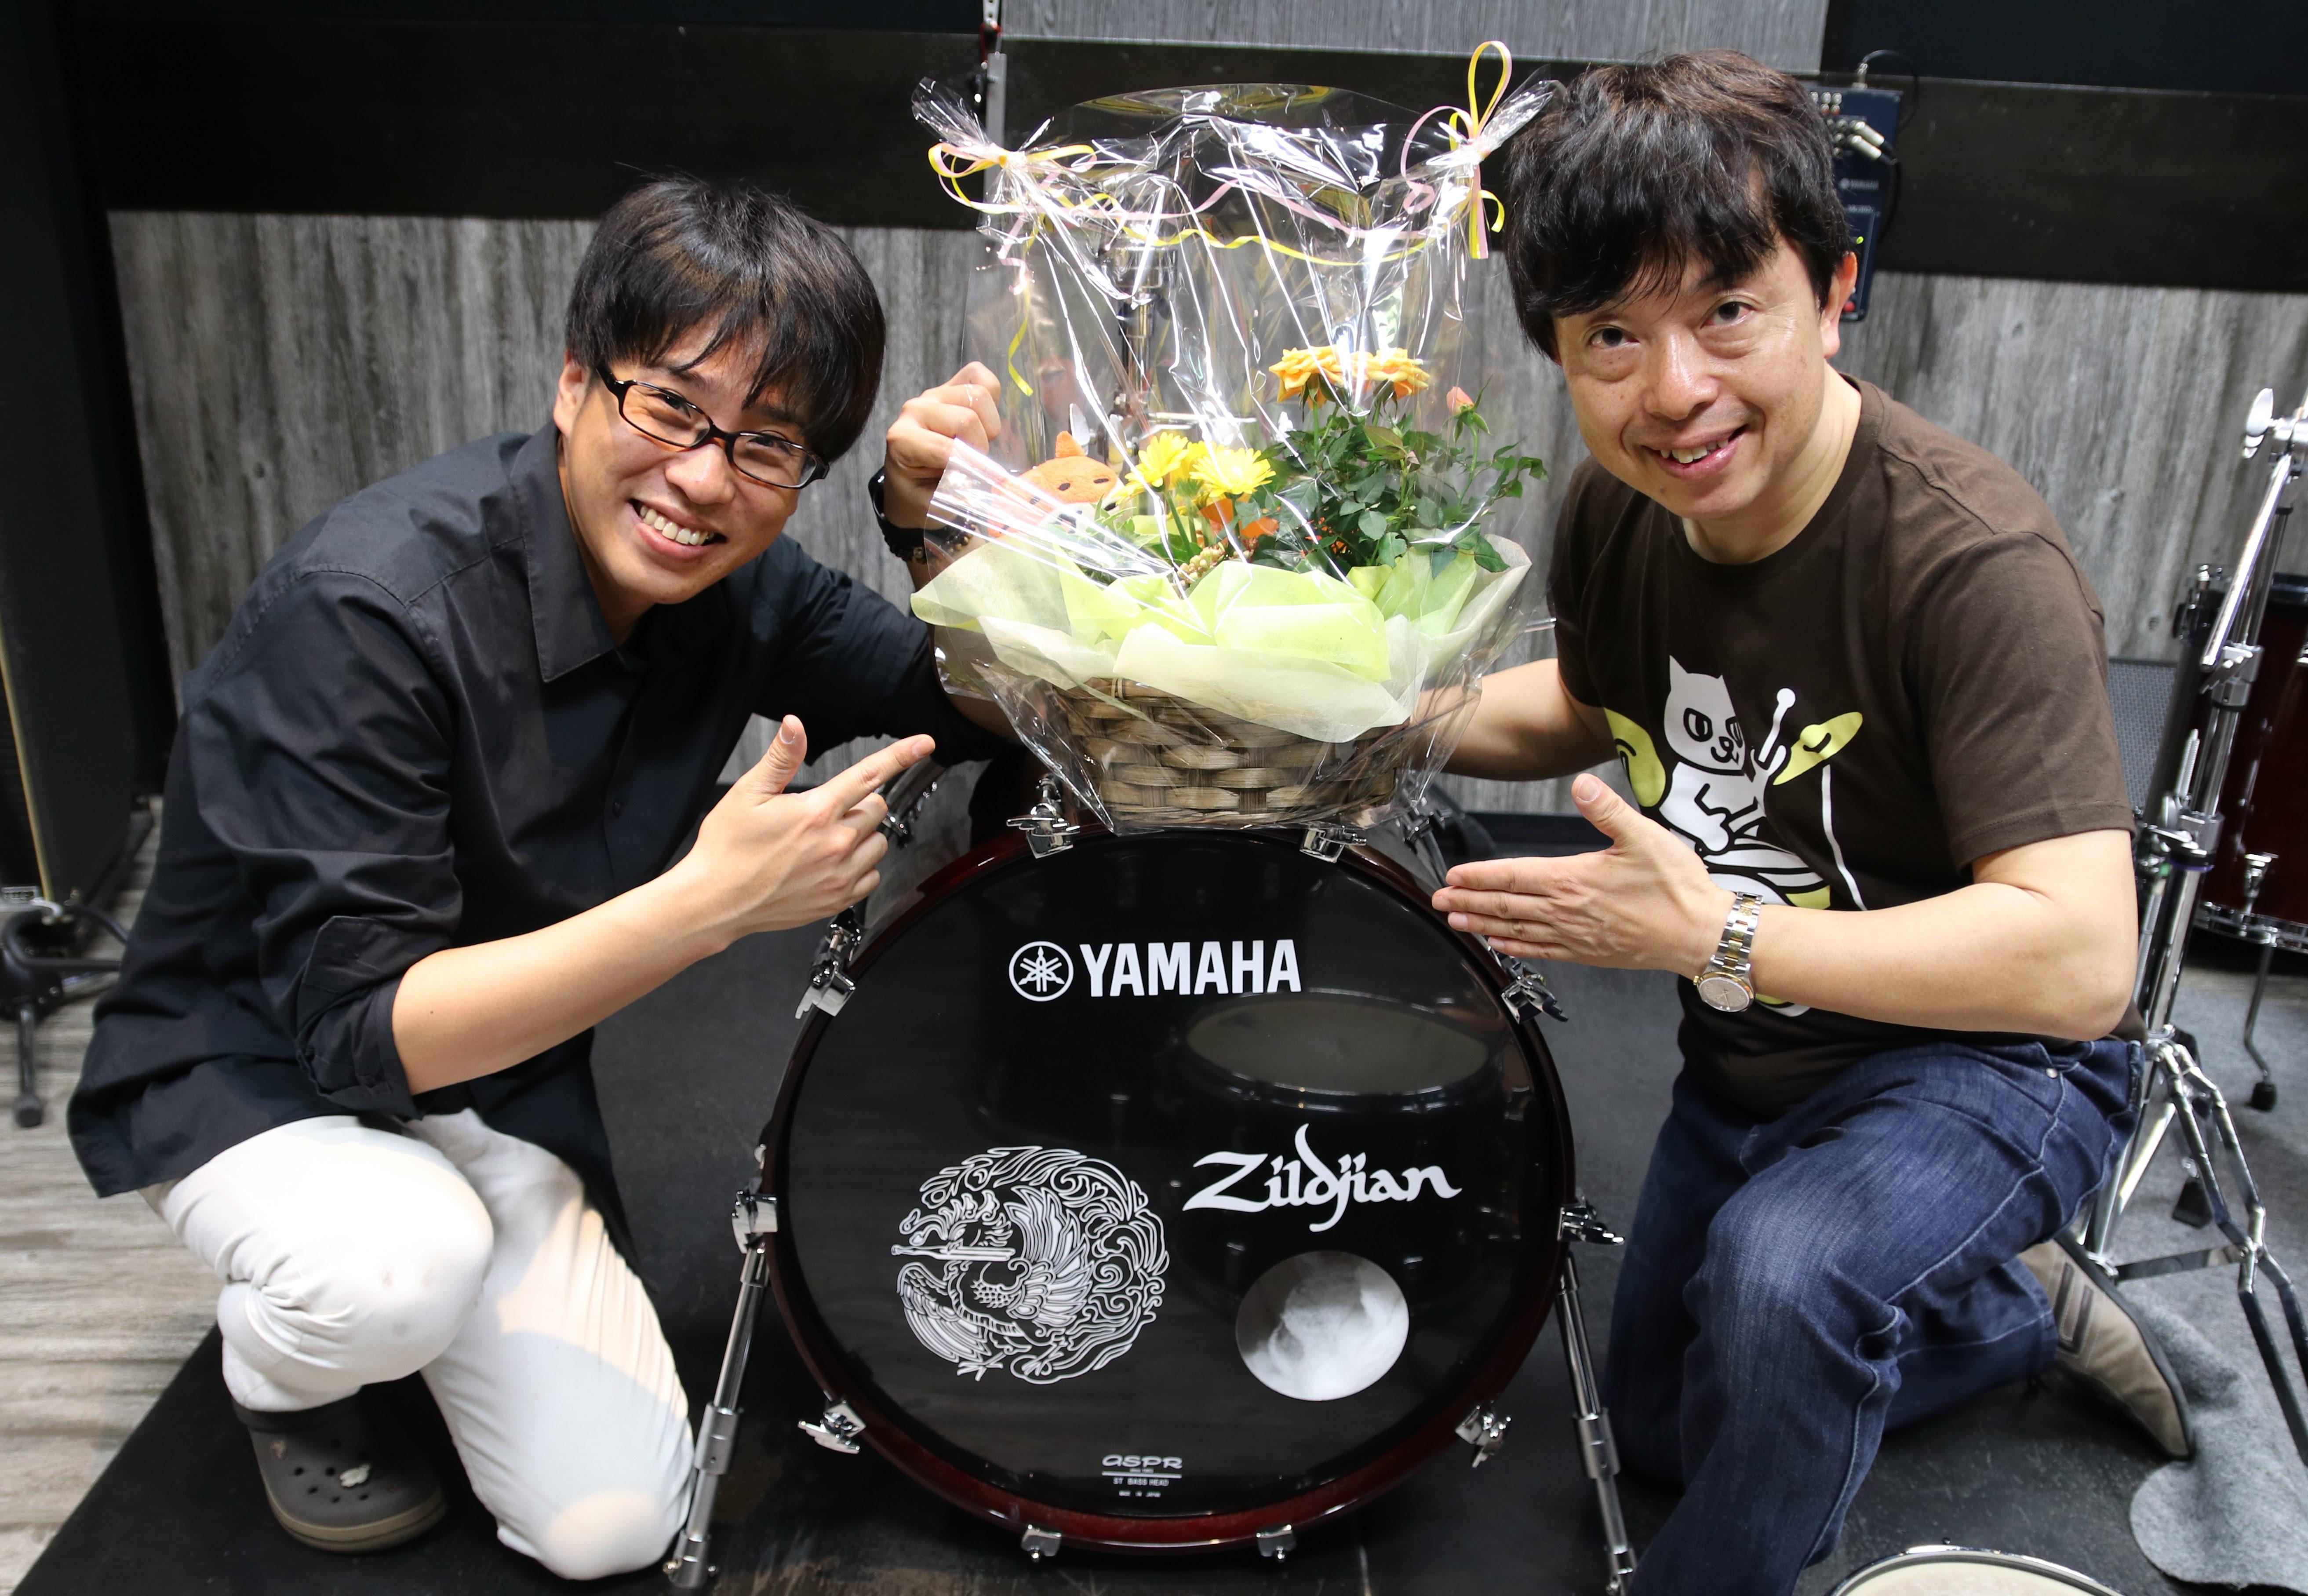 菅沼孝三ドラム道場千葉校10周年記念イベント